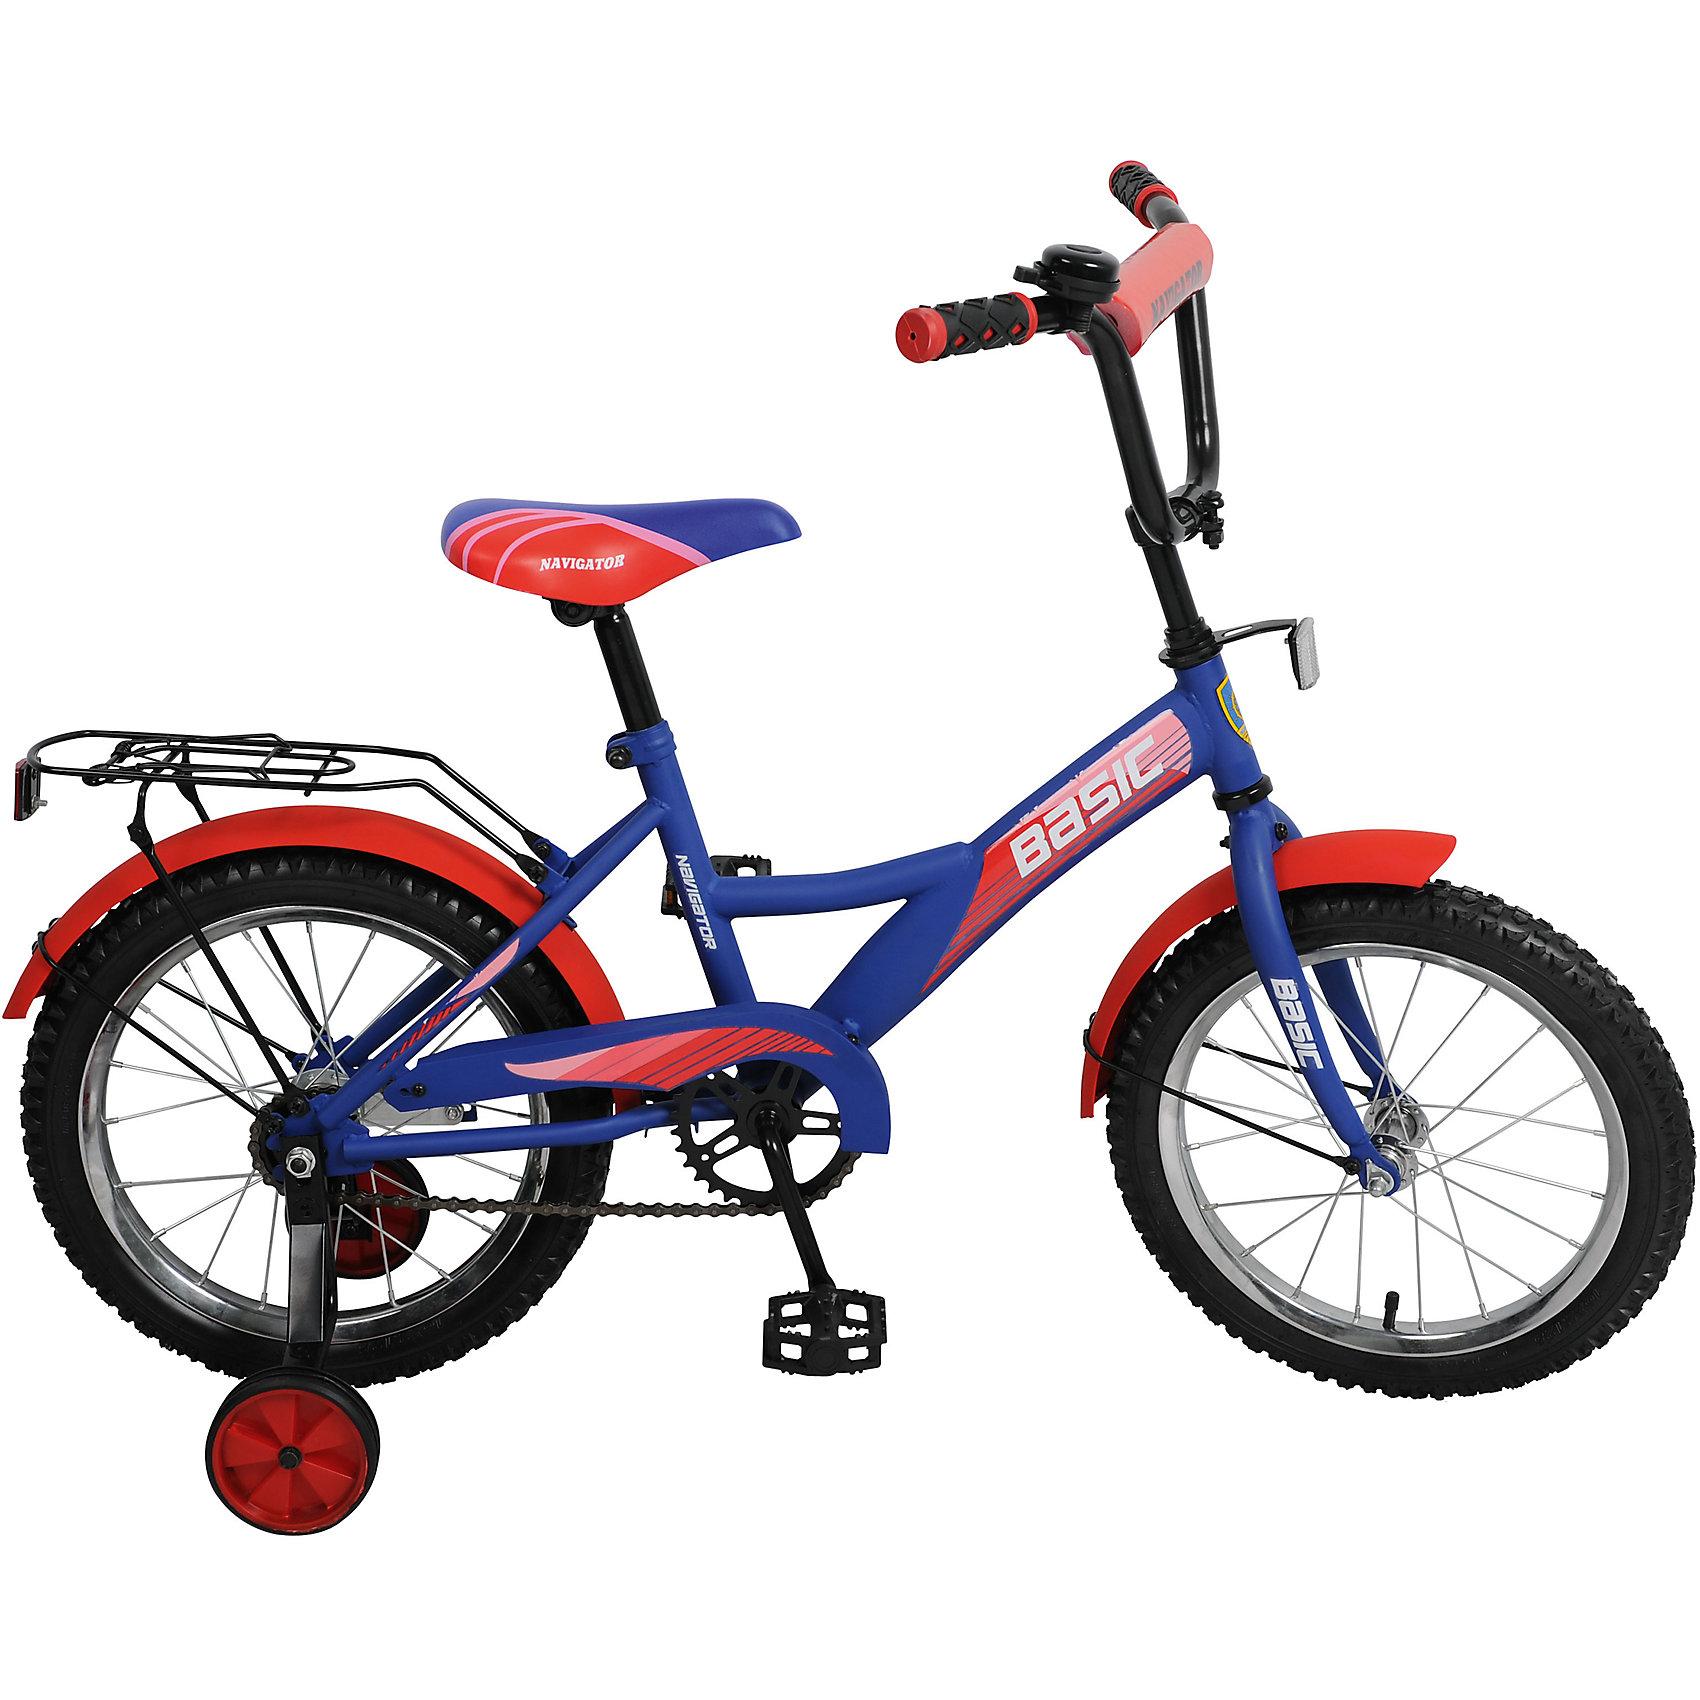 Велосипед Basic, сине-красный, NavigatorВелосипеды детские<br>Велосипед Basic, сине-красный, Navigator (Навигатор) – это яркий, стильный, надежный велосипед высокого качества.<br>Детский велосипед Basic KITE-тип, обладает яркой расцветкой и стильными формами. продуманная конструкция сводит к минимуму риск получить травму. Рама велосипеда выполнена из высокопрочного металла. Покрытие рамы устойчиво к царапинам. Высота руля и сиденья легко регулируется в соответствии с возрастом и ростом ребенка. Мягкая накладка на руле обеспечит небольшое смягчение при падении на руль. Колеса оснащены резиновыми шинами, которые хорошо удерживают воздух. Велосипед имеет дополнительные широкие страховочные колеса, защиту цепи, стальные обода для защиты от брызг, удобное сиденье эргономичной формы, звонок, задний багажник. На ручках руля нескользящие накладки. Катание на велосипеде поможет ребенку укрепить опорно-двигательную и сердечнососудистую системы.<br><br>Дополнительная информация:<br><br>- Возрастная категория: от 5 до 7 лет<br>- Подходит для детей ростом 100 - 125 см.<br>- Диаметр колёс: 16 дюймов<br>- Односоставной шатун<br>- Ножной тормоз<br>- Материал рамы: сталь<br>- Цвет: синий, красный<br>- Вес в упаковке: 10,9 кг.<br><br>Велосипед Basic, сине-красный, Navigator (Навигатор) можно купить в нашем интернет-магазине.<br><br>Ширина мм: 890<br>Глубина мм: 170<br>Высота мм: 420<br>Вес г: 10900<br>Возраст от месяцев: 60<br>Возраст до месяцев: 120<br>Пол: Унисекс<br>Возраст: Детский<br>SKU: 4655119